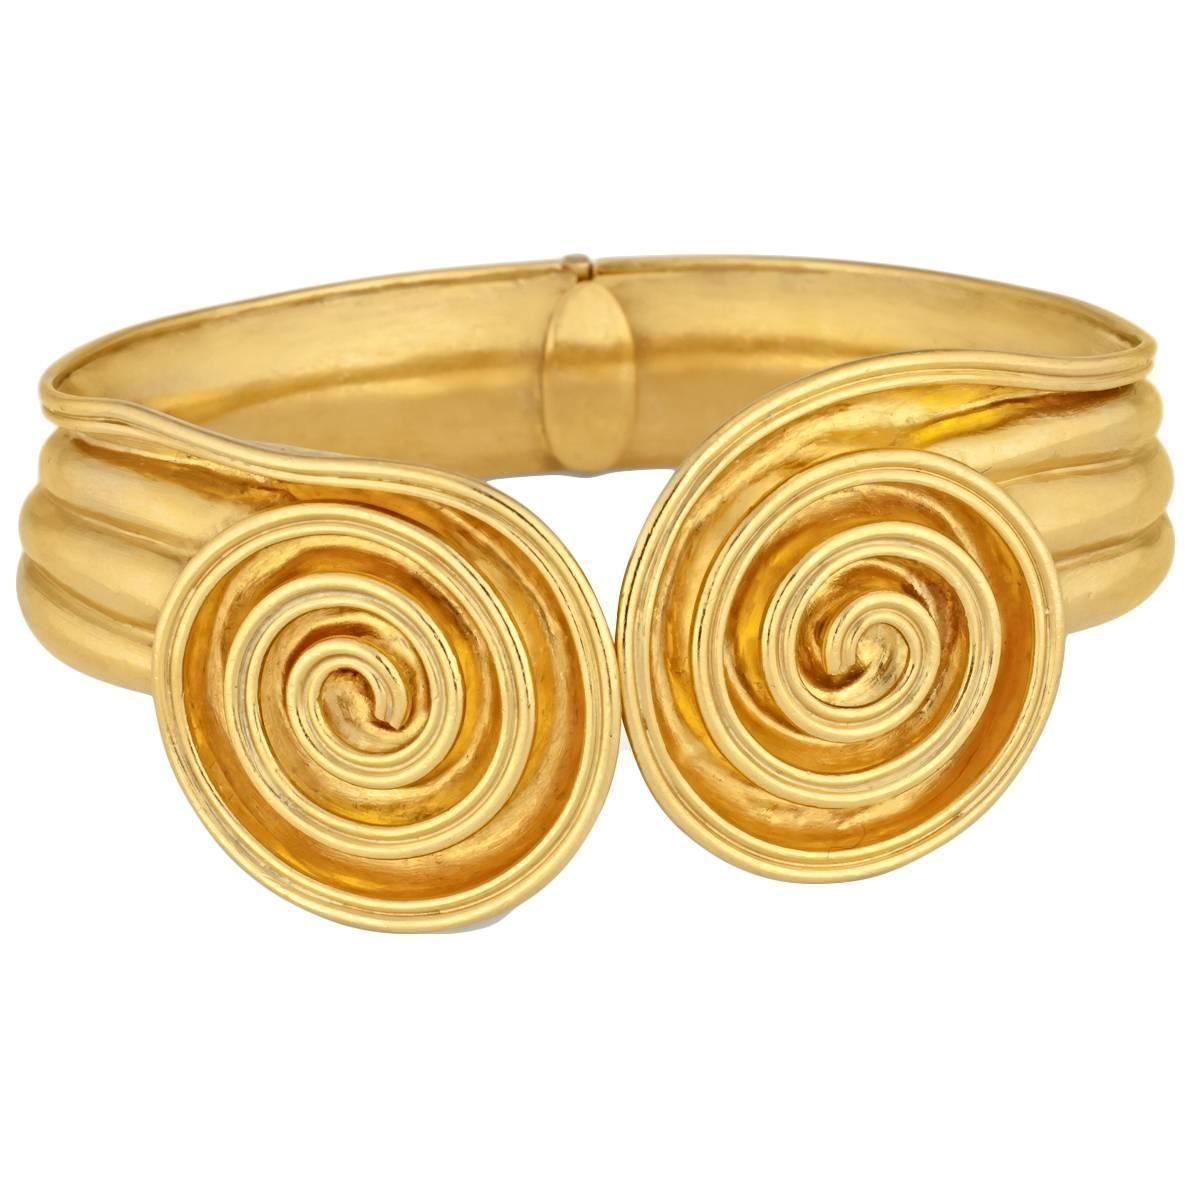 Lalaounis gold hinge bracelet jewelry bracelets bracelets and gold